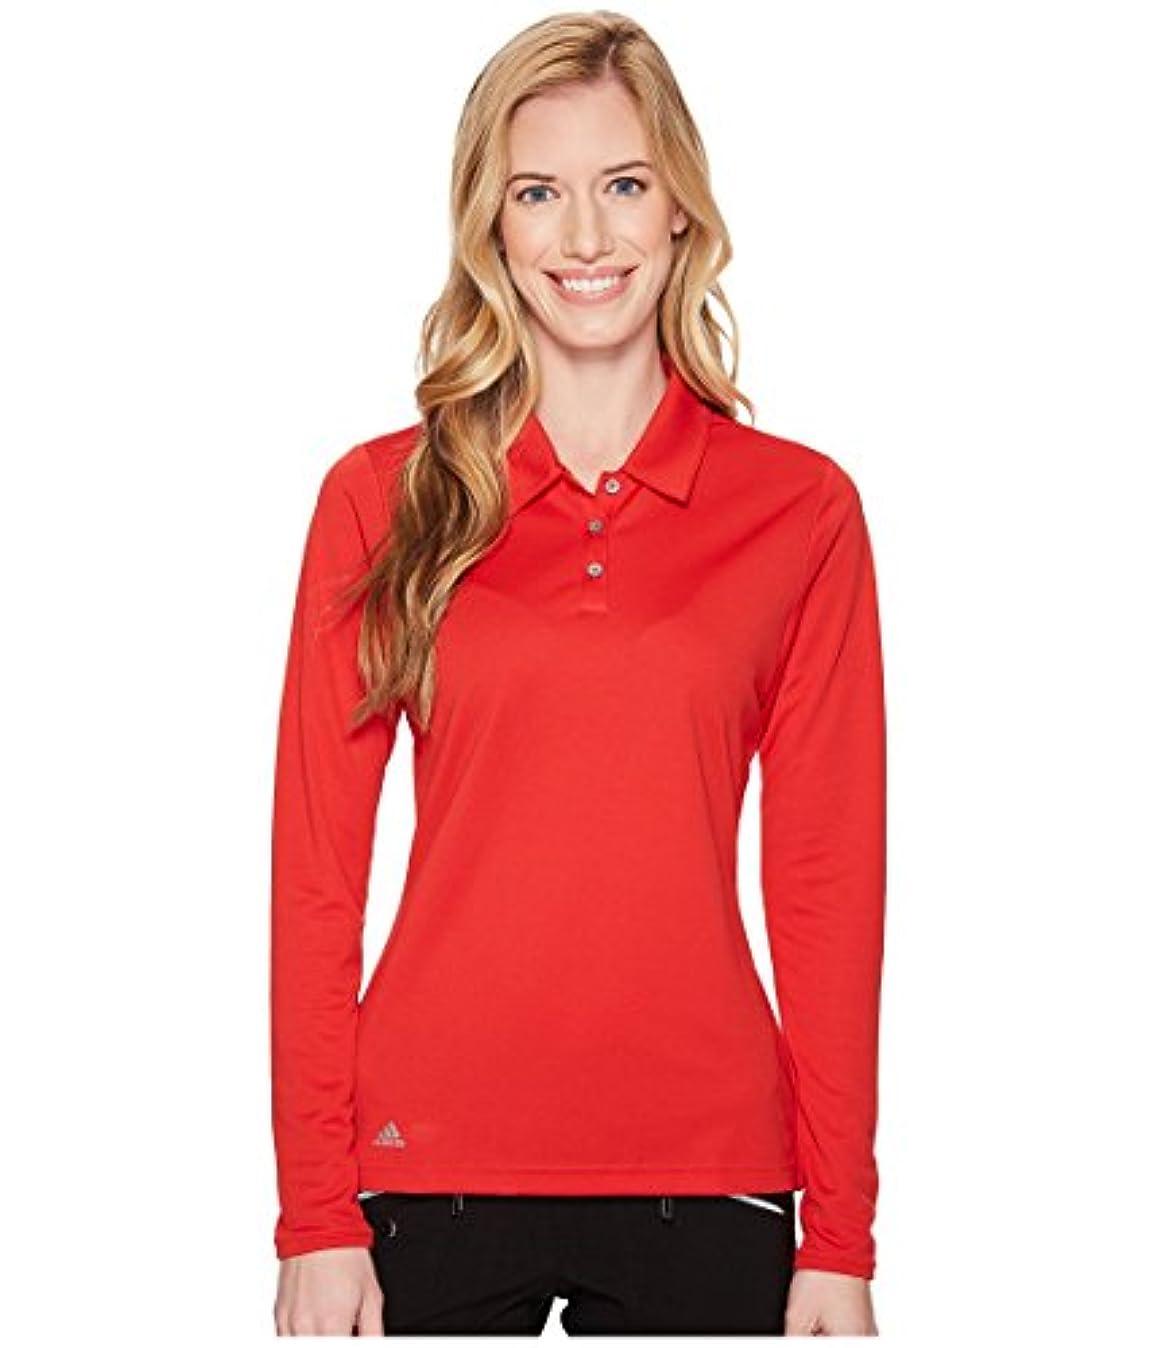 羽年金考え(アディダス) adidas レディースタンクトップ?Tシャツ Performance Long Sleeve Polo Collegiate Red XS